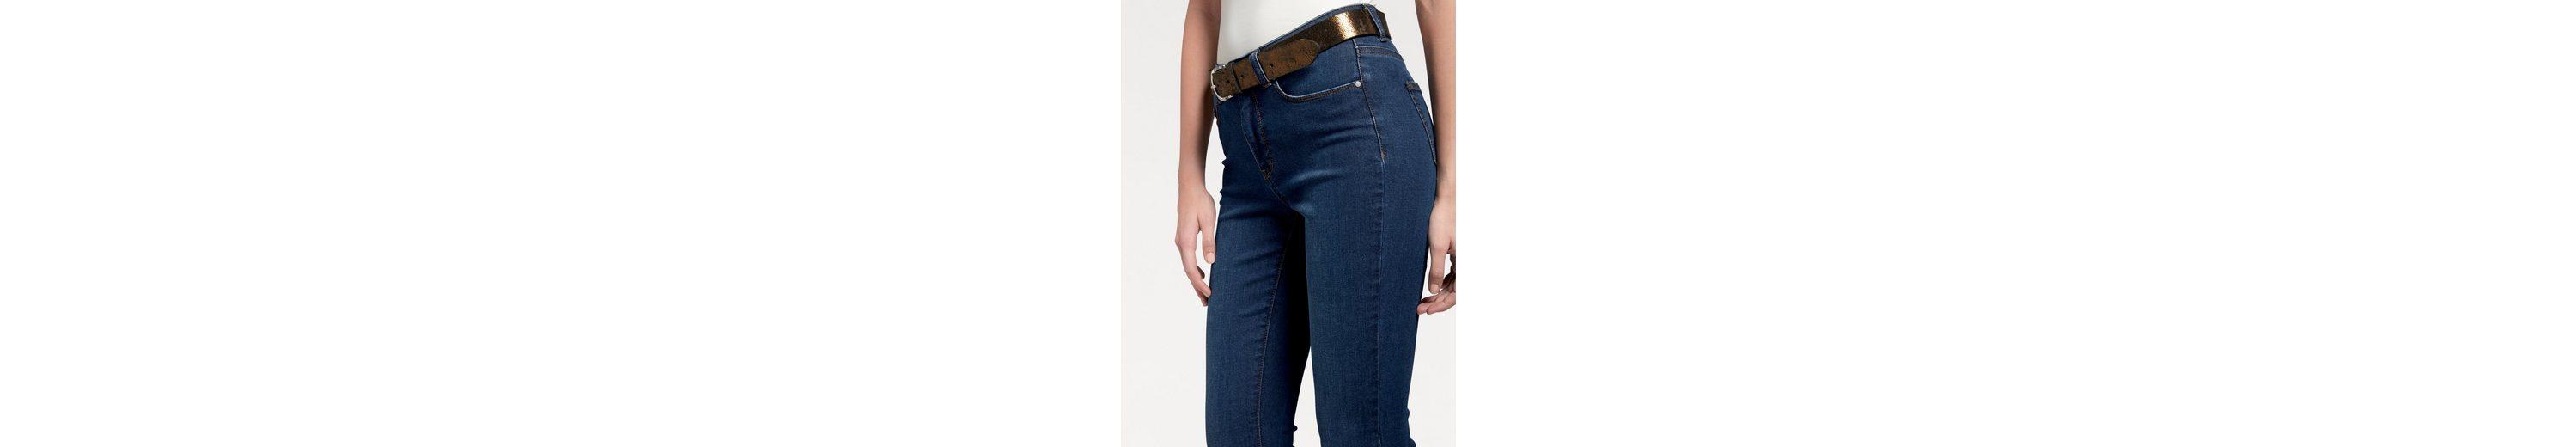 Günstige Manchester-Großer Verkauf Finden Große Zum Verkauf ASHLEY BROOKE by Heine Bodyform-Bootcut-Jeans mit Coolmax-Funktion Für Günstig Online Spielraum Günstig Online Günstig Kaufen Erkunden gFPx7ocFmn